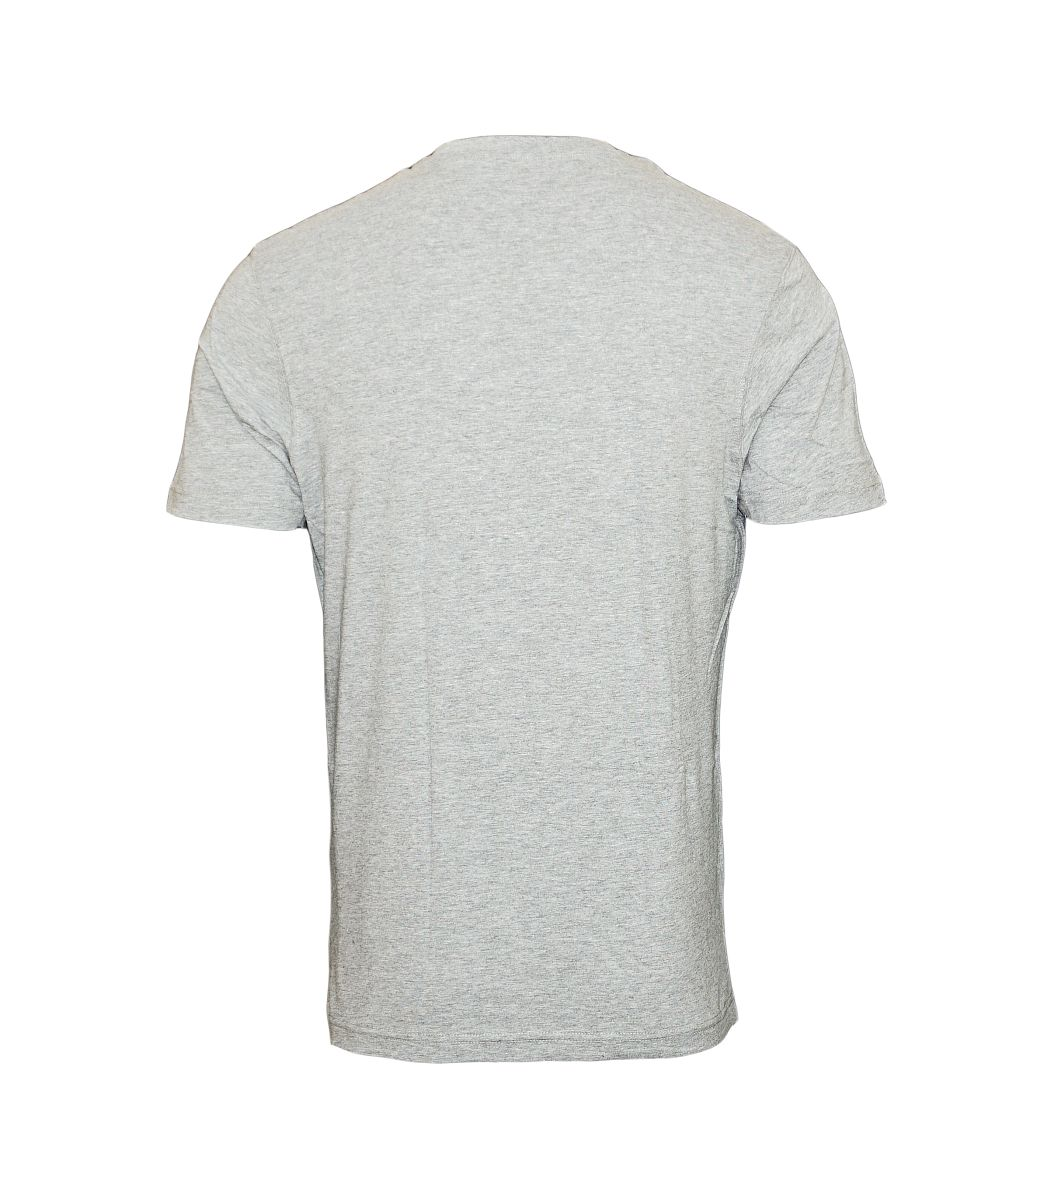 Daniel Hechter 2er Pack T-Shirts V-Ausschnitt 76002 172972 910 grau SH17-DH2P